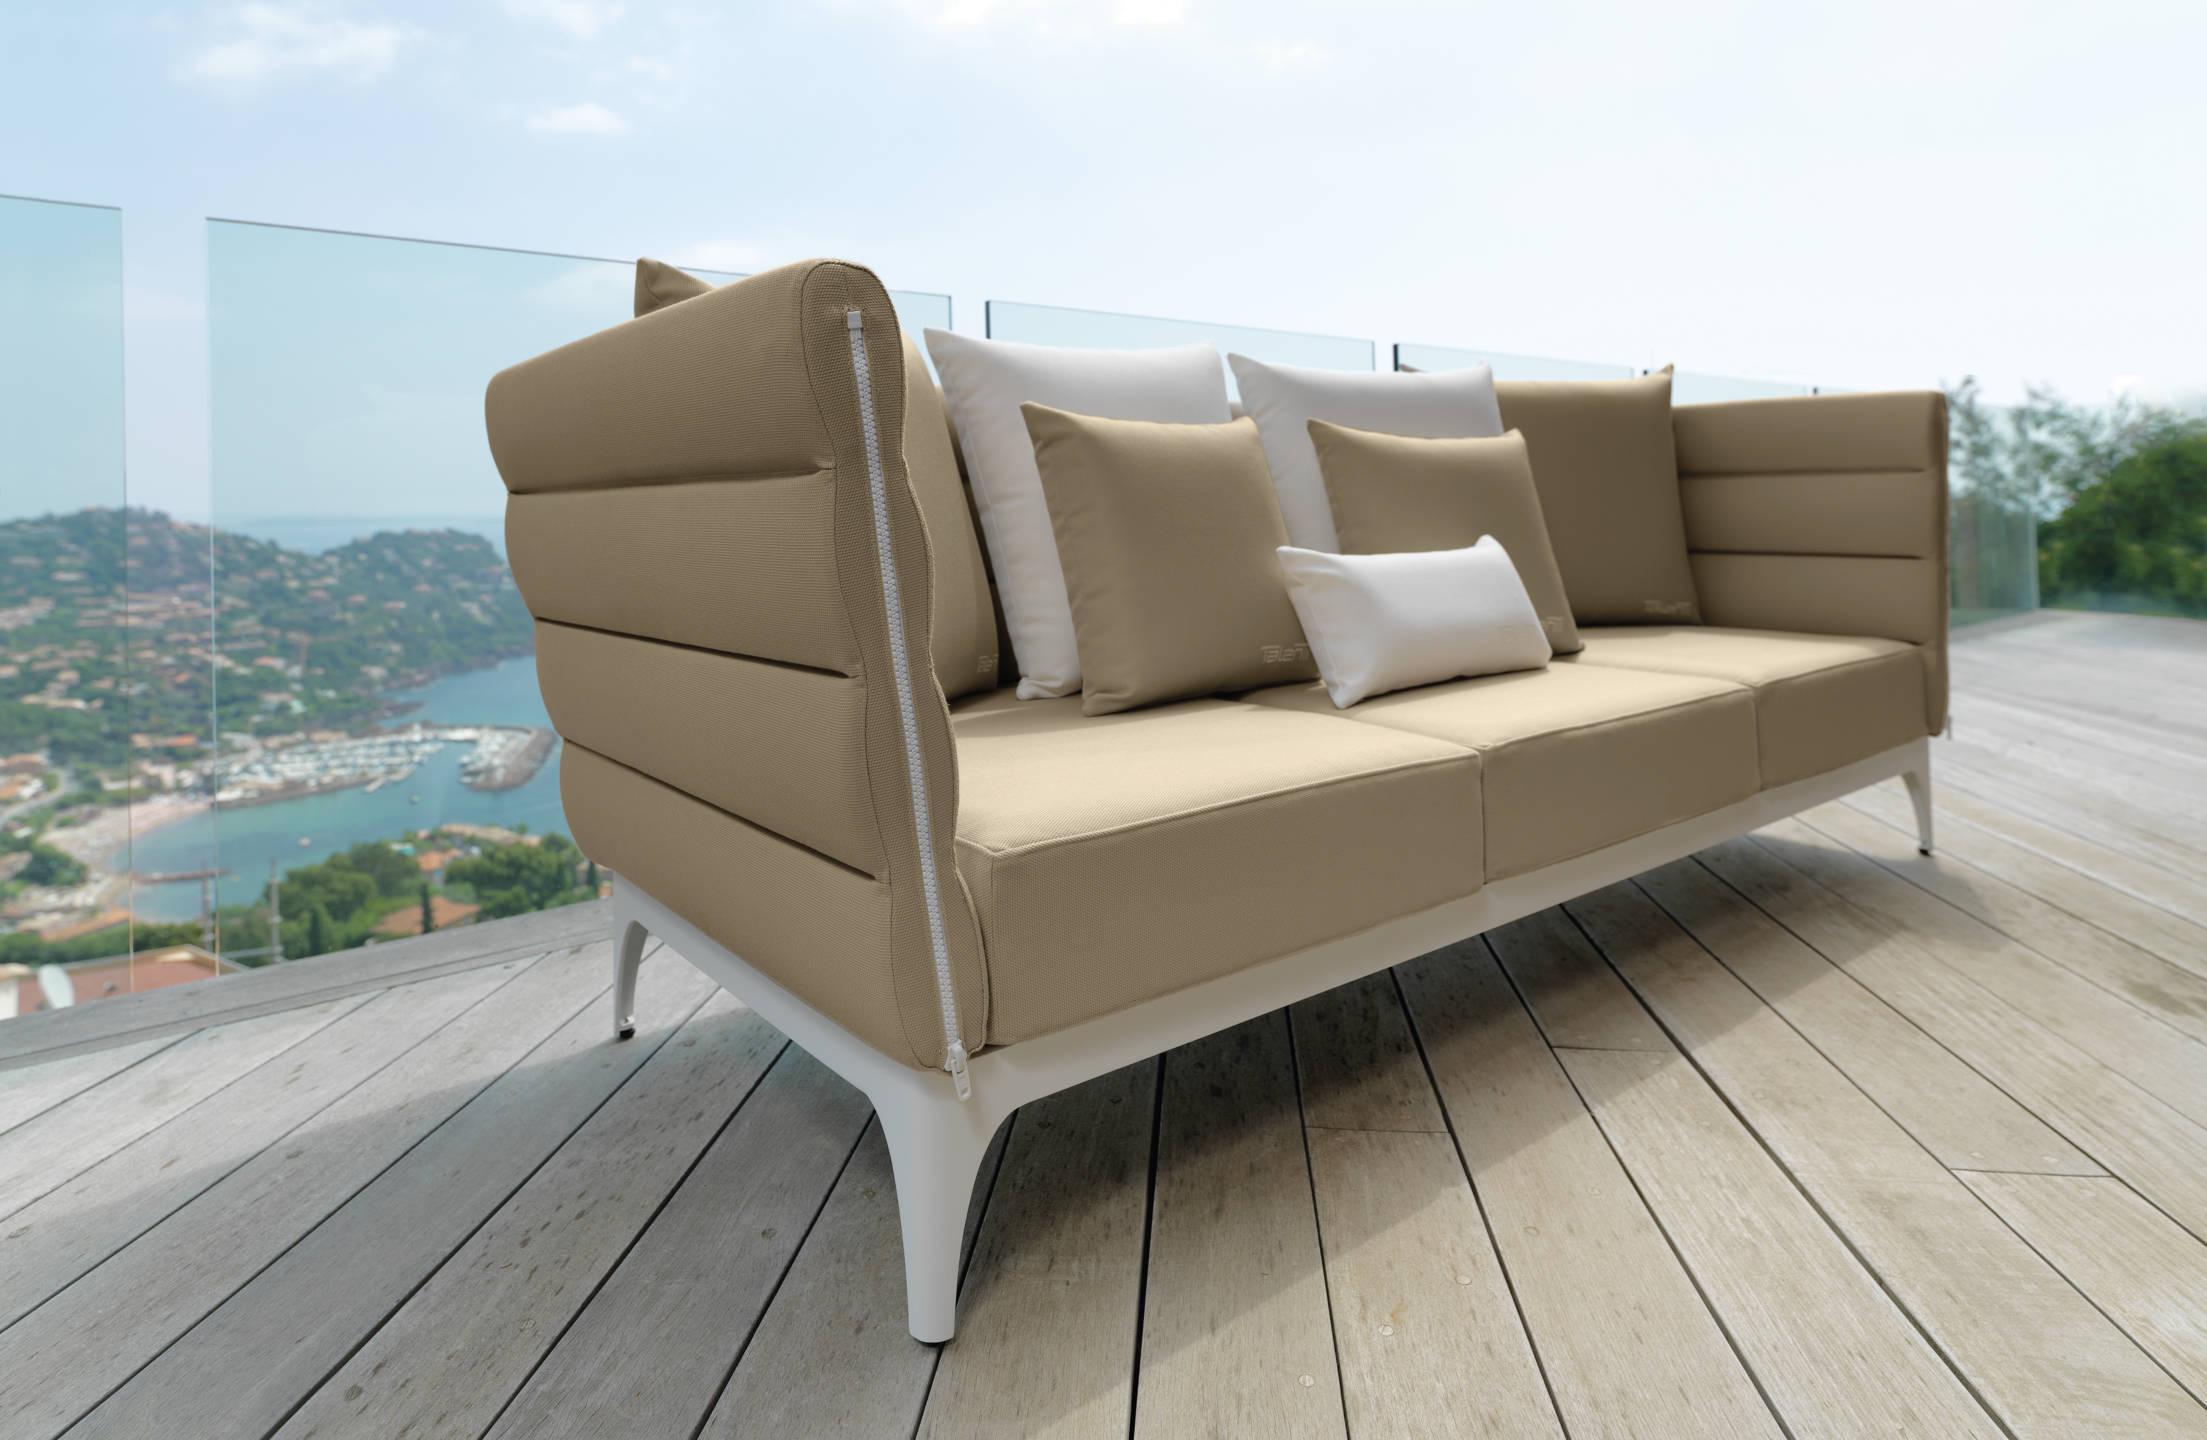 Vivereverde divano padcollection divani per esterno for Divani per esterno offerte